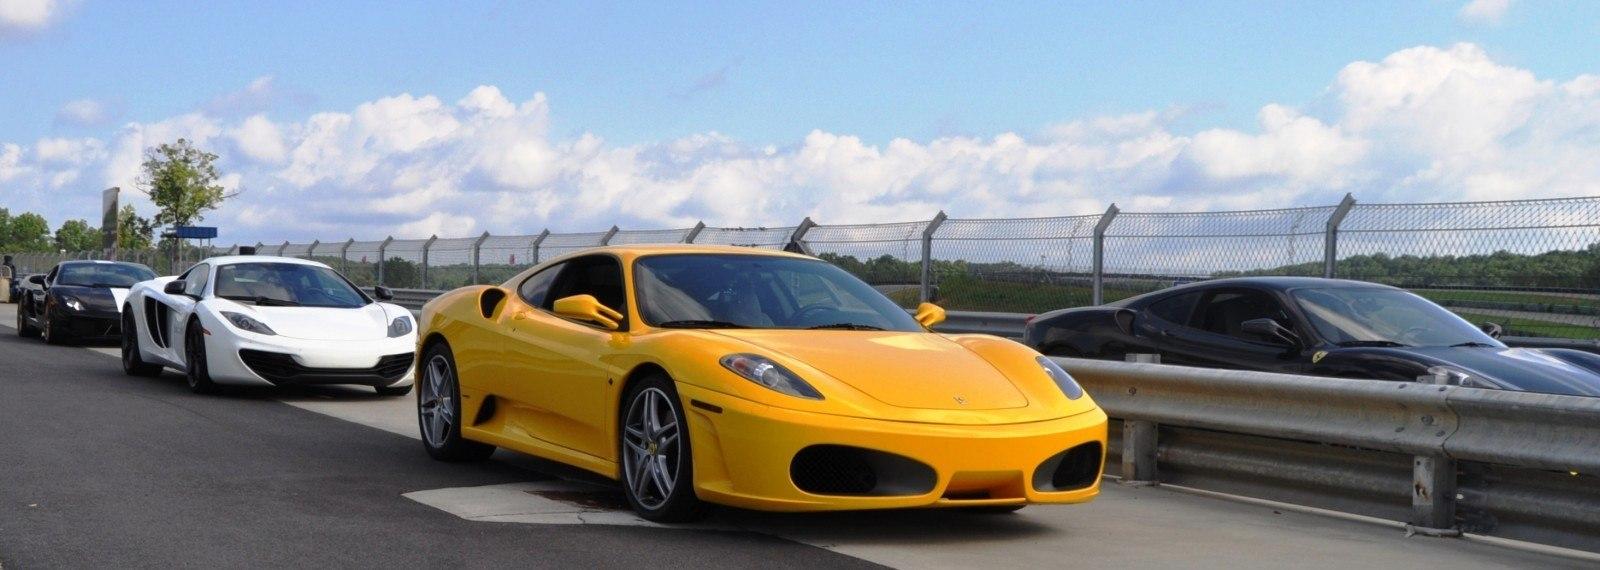 Beating the Supercar Paradox - 2007 Ferrari F430 at Velocity Motorsports Supercar Track Drive 12